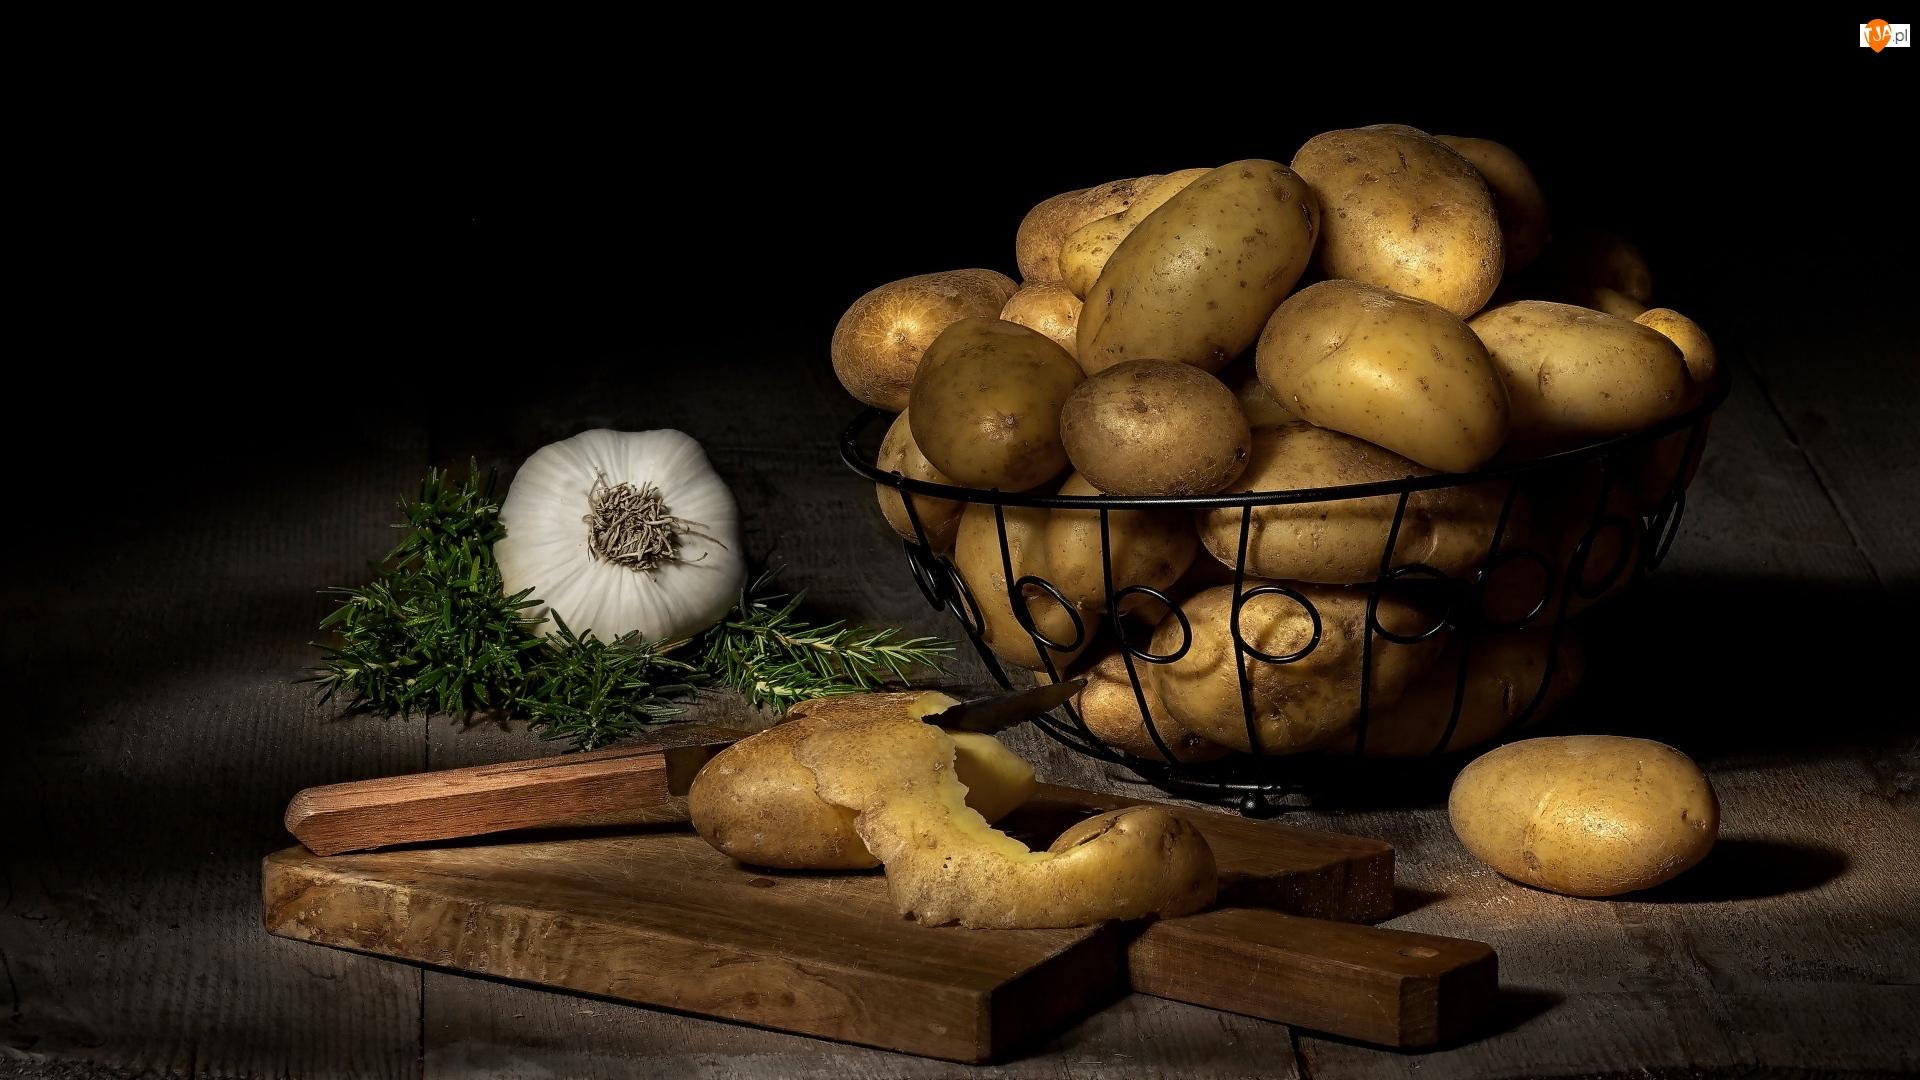 Nóż, Warzywa, Zioła, Deska, Ziemniaki, Deska, Koszyk, Czosnek